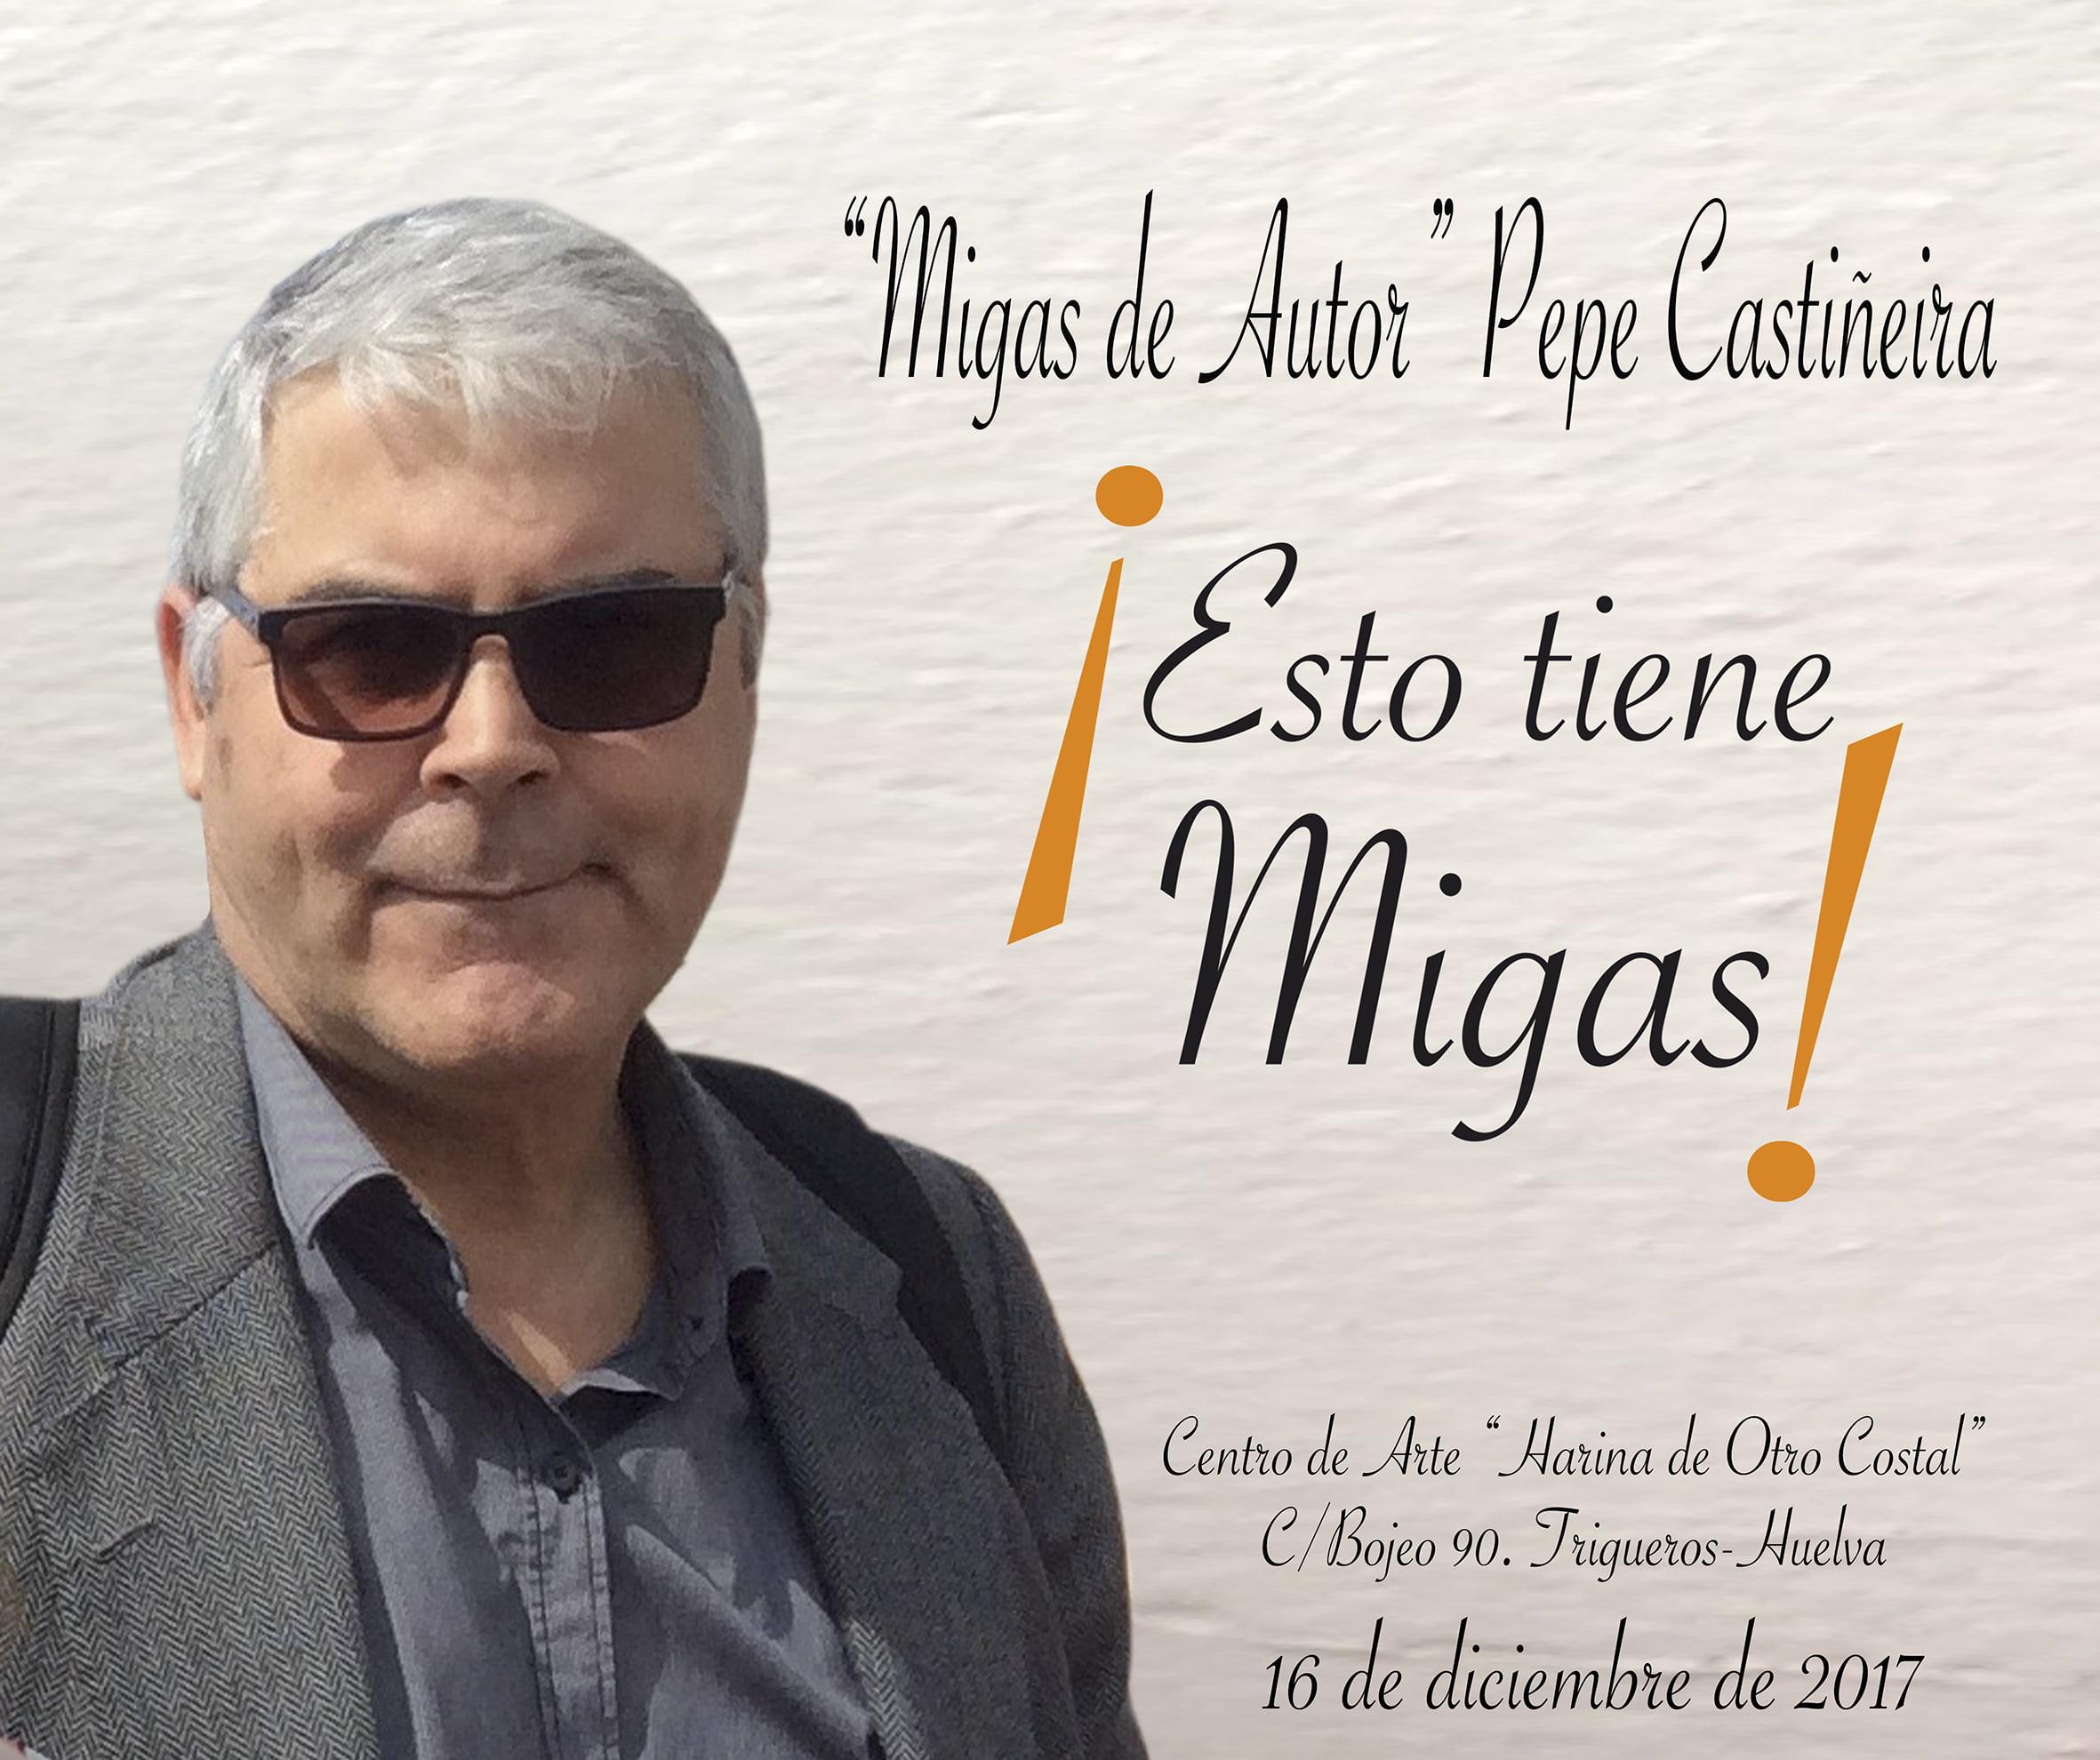 Cartel anunciador de las migas de autor del próximo sábado